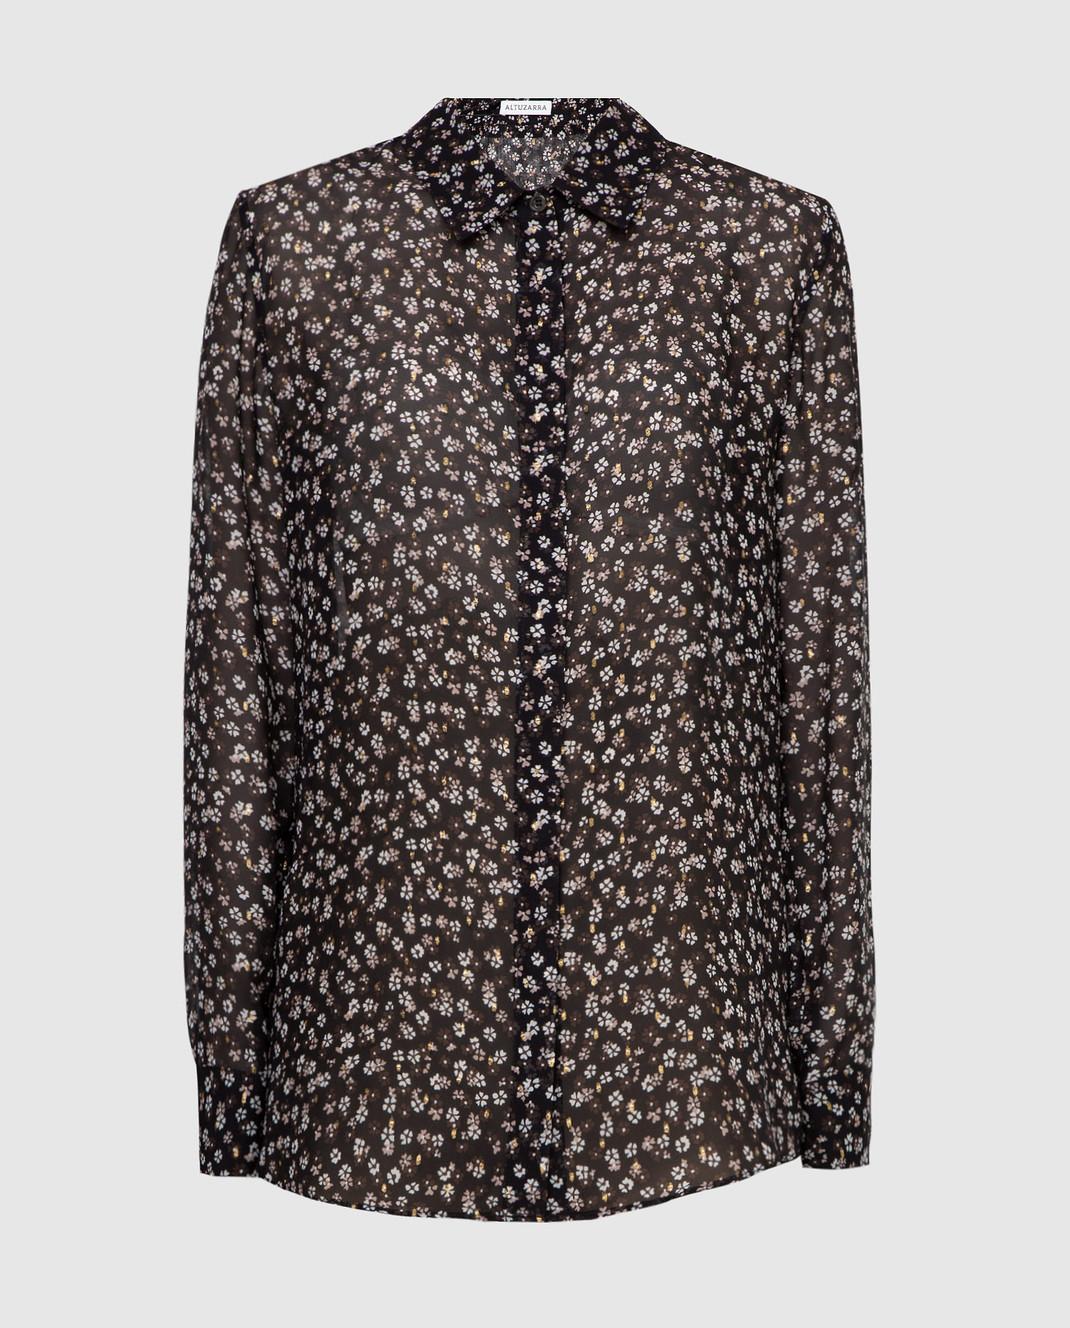 Altuzarra Черная блуза из шелка 418414848